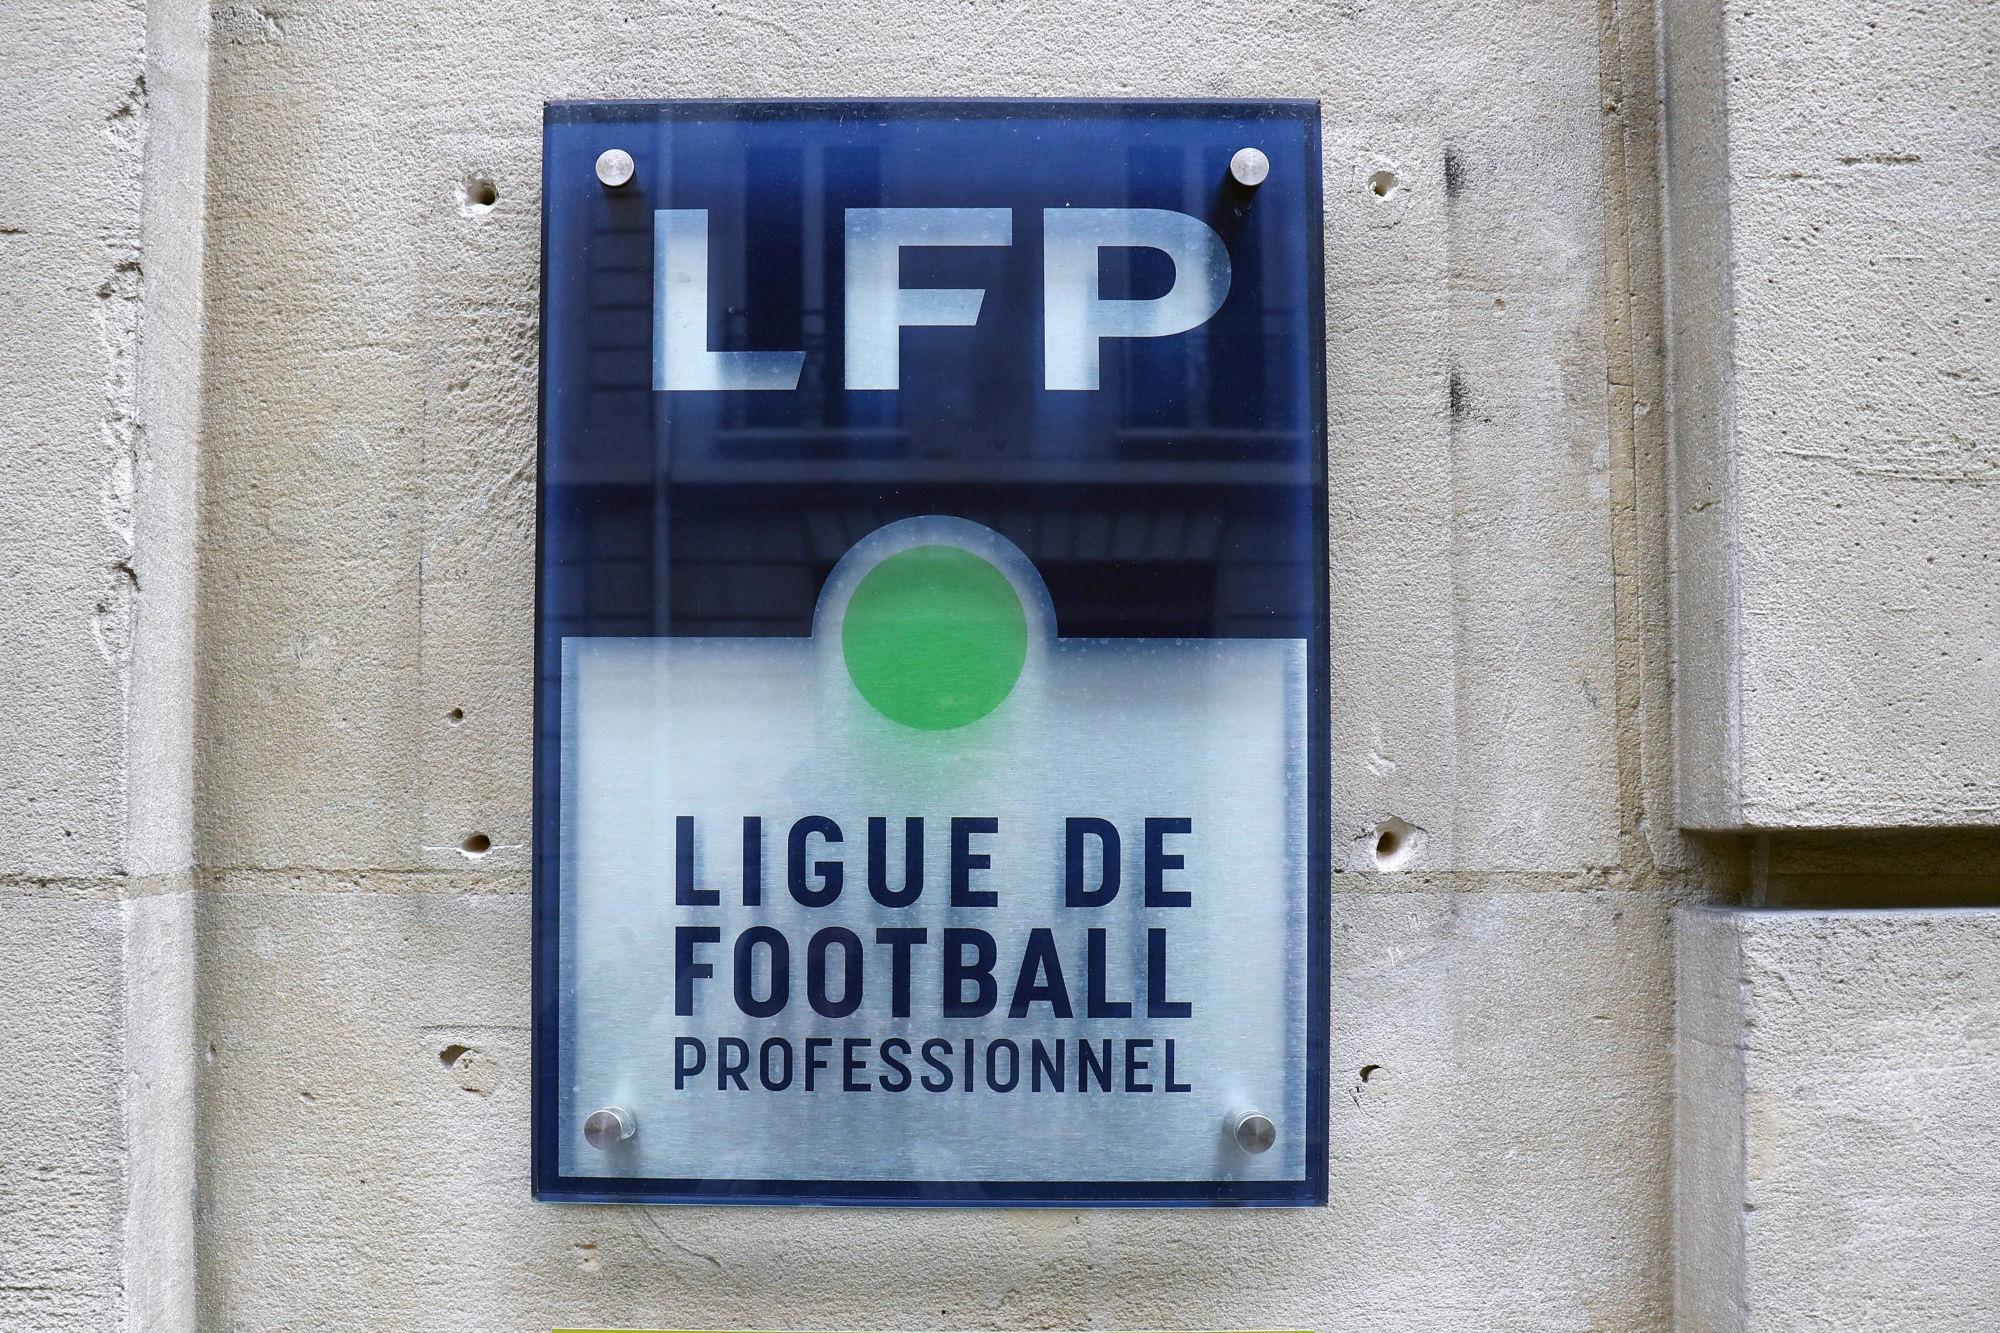 Ligue 1 - L'assemblée générale de la LFP a validé l'emprunt auprès d'une banque étrangère